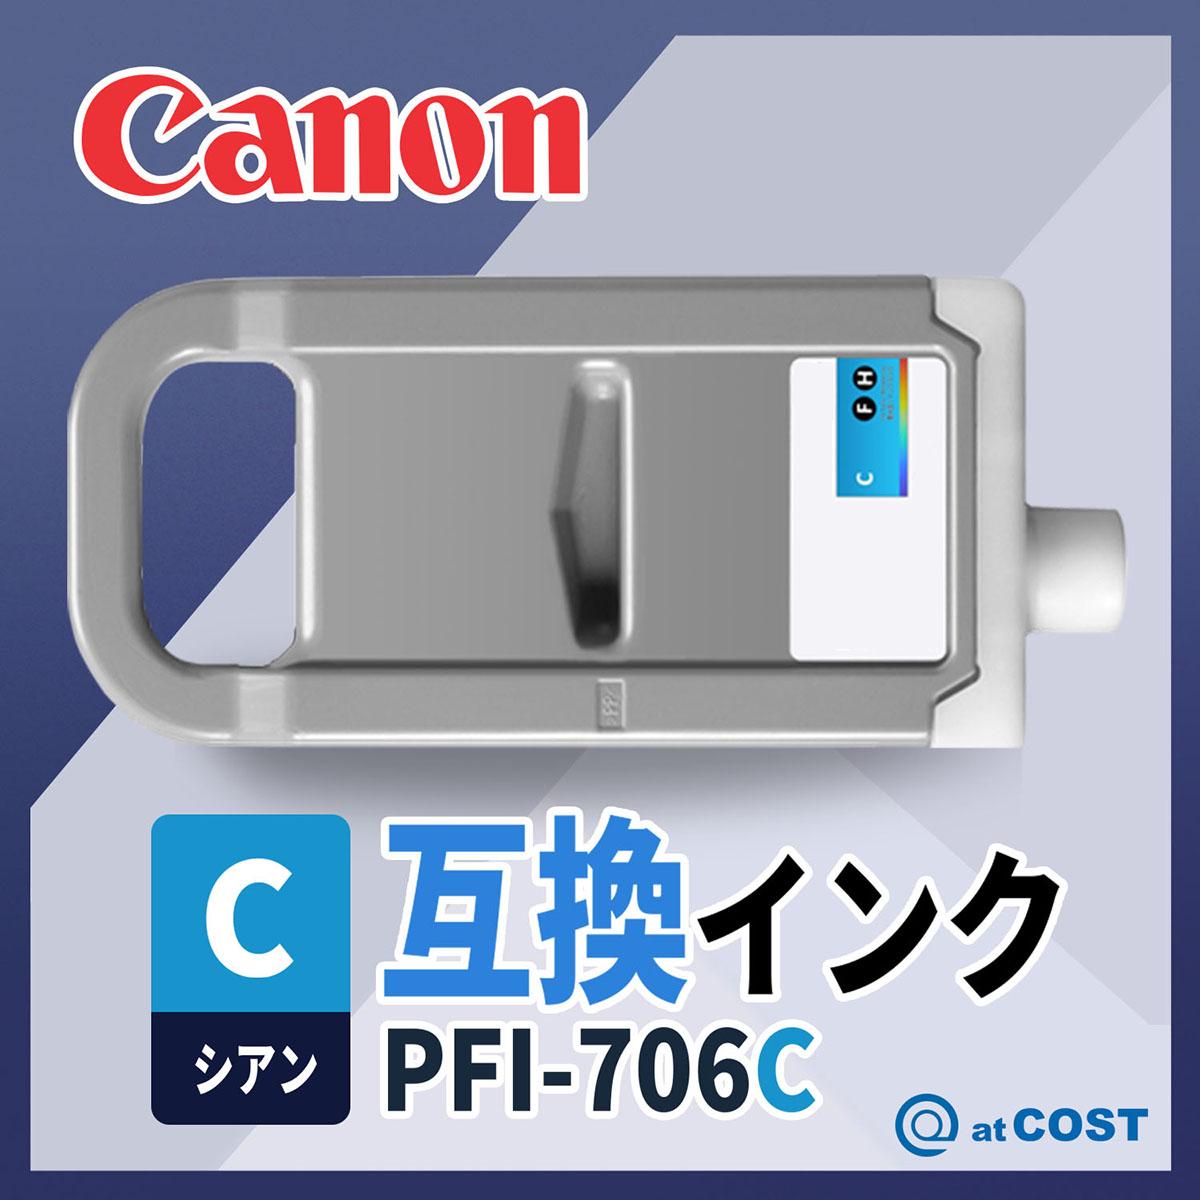 キャノン / CANON / PFI-706C /シアン / 700ml / 互換インク / インクタンク / インクカートリッジ / 低価格